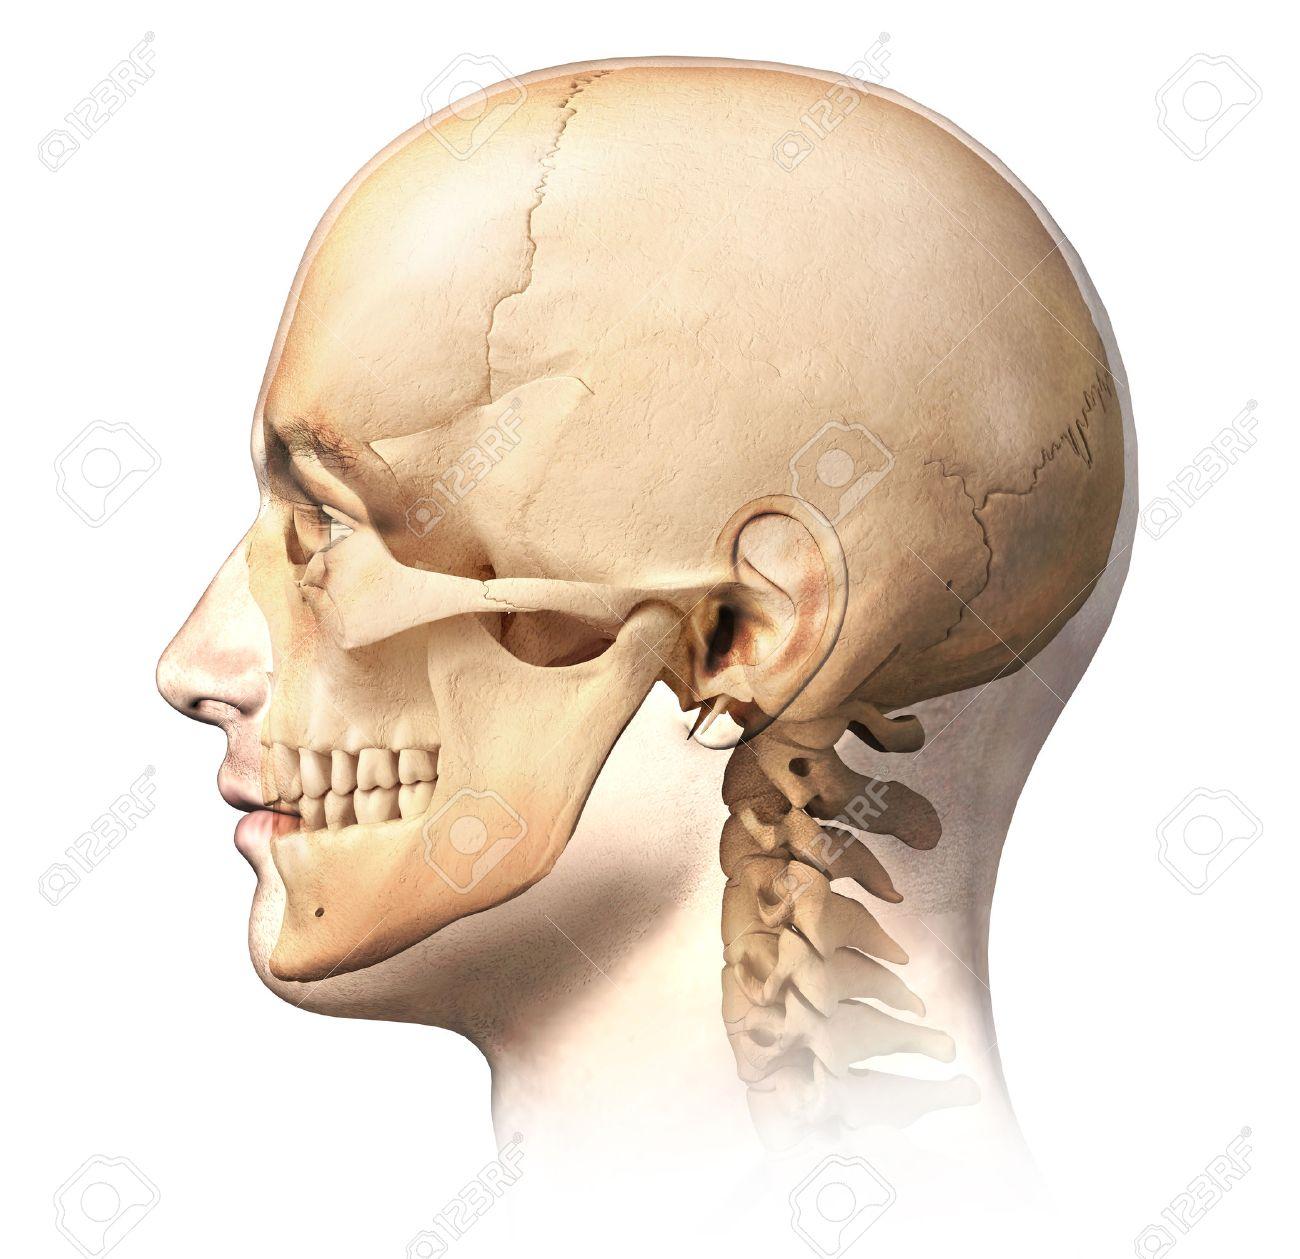 Hombre Cabeza Humana Con El Cráneo En Efecto Fantasma, Vista Lateral ...